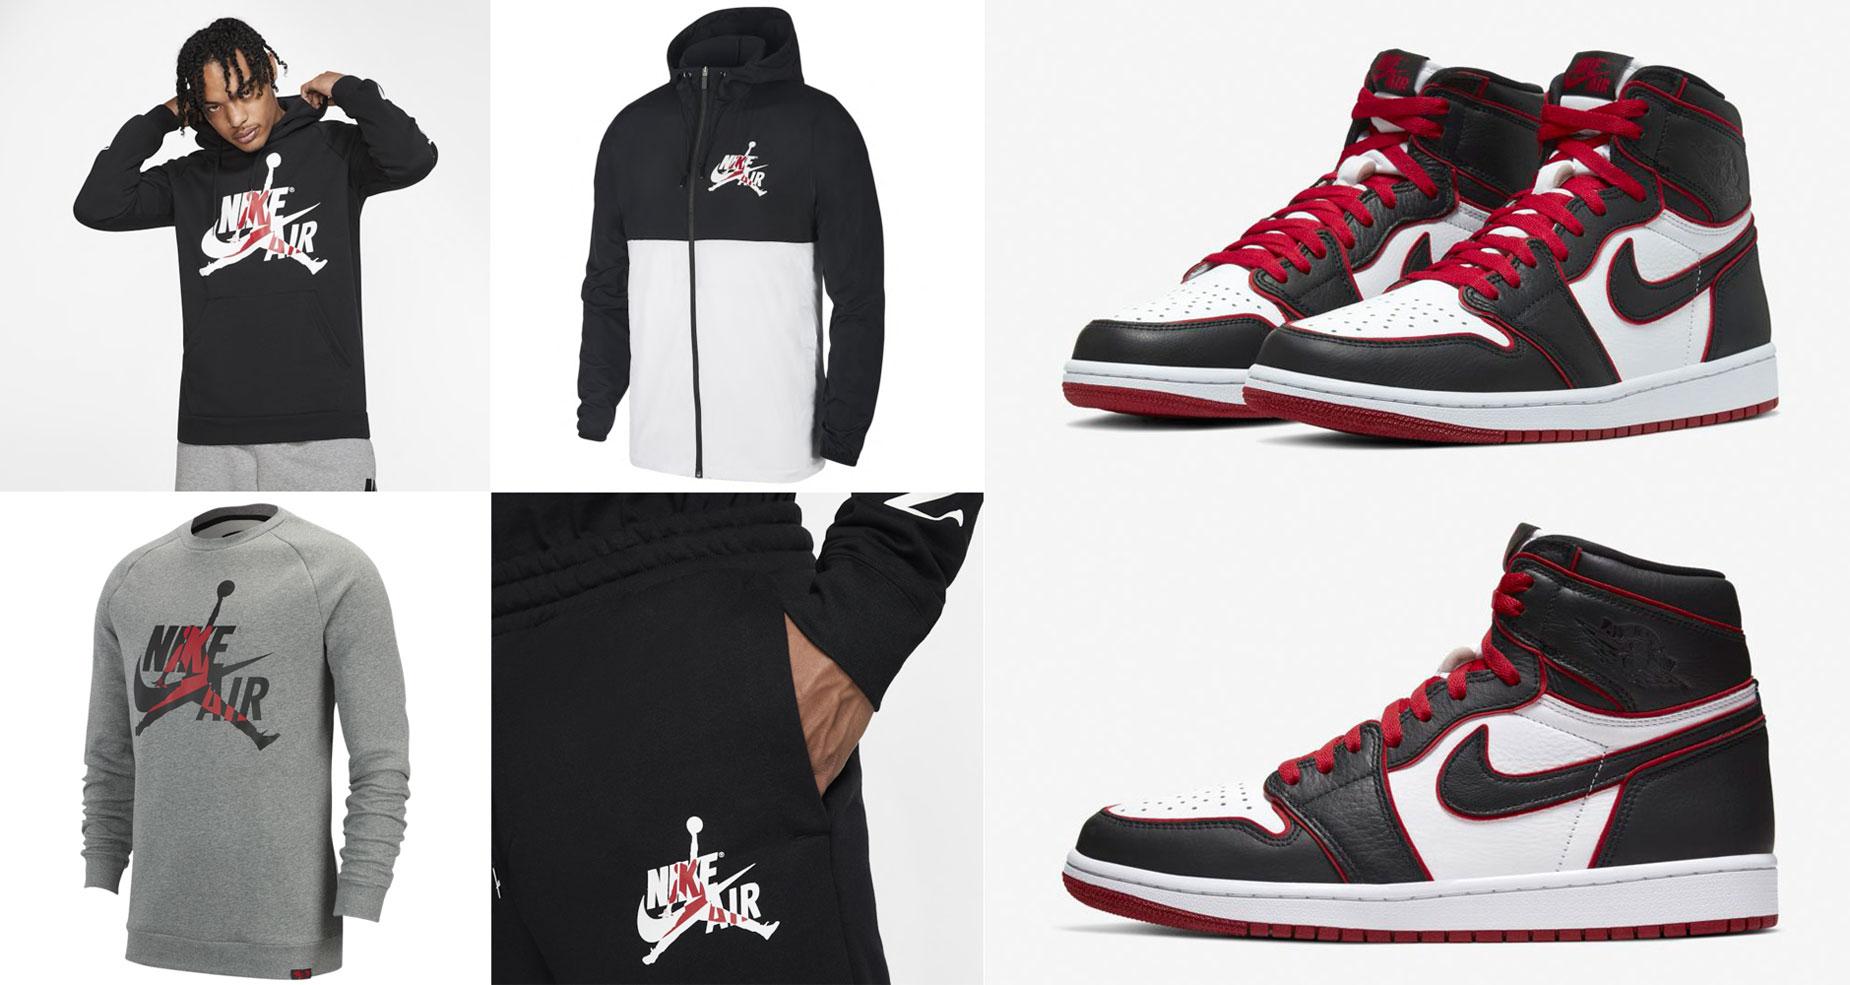 air-jordan-1-high-bloodline-matching-clothing